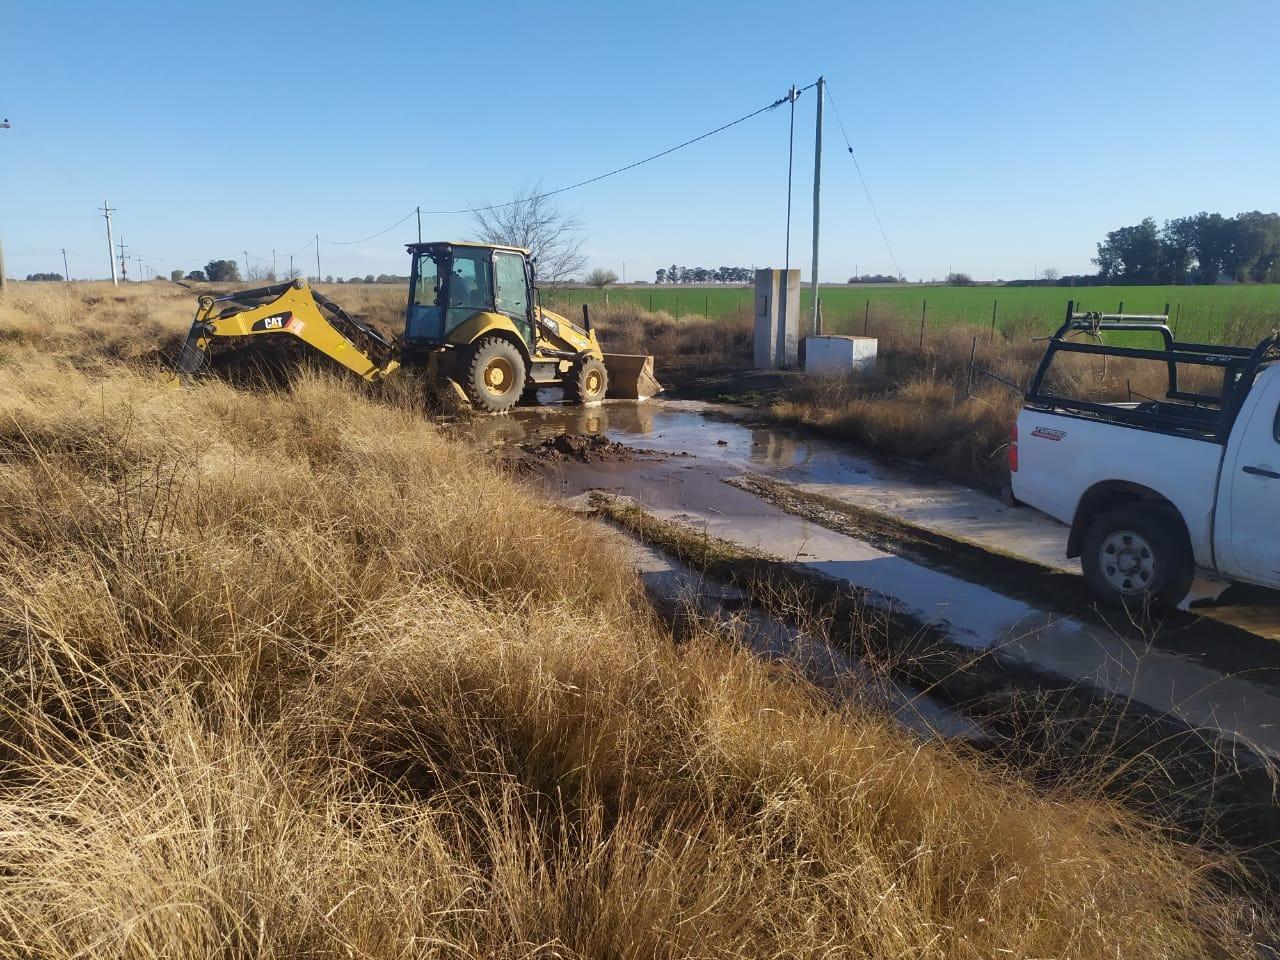 Desde CORPICO reparan la rotura de un ramal del acueducto que provee de agua a General Pico: Piden hacer uso racional del servicio